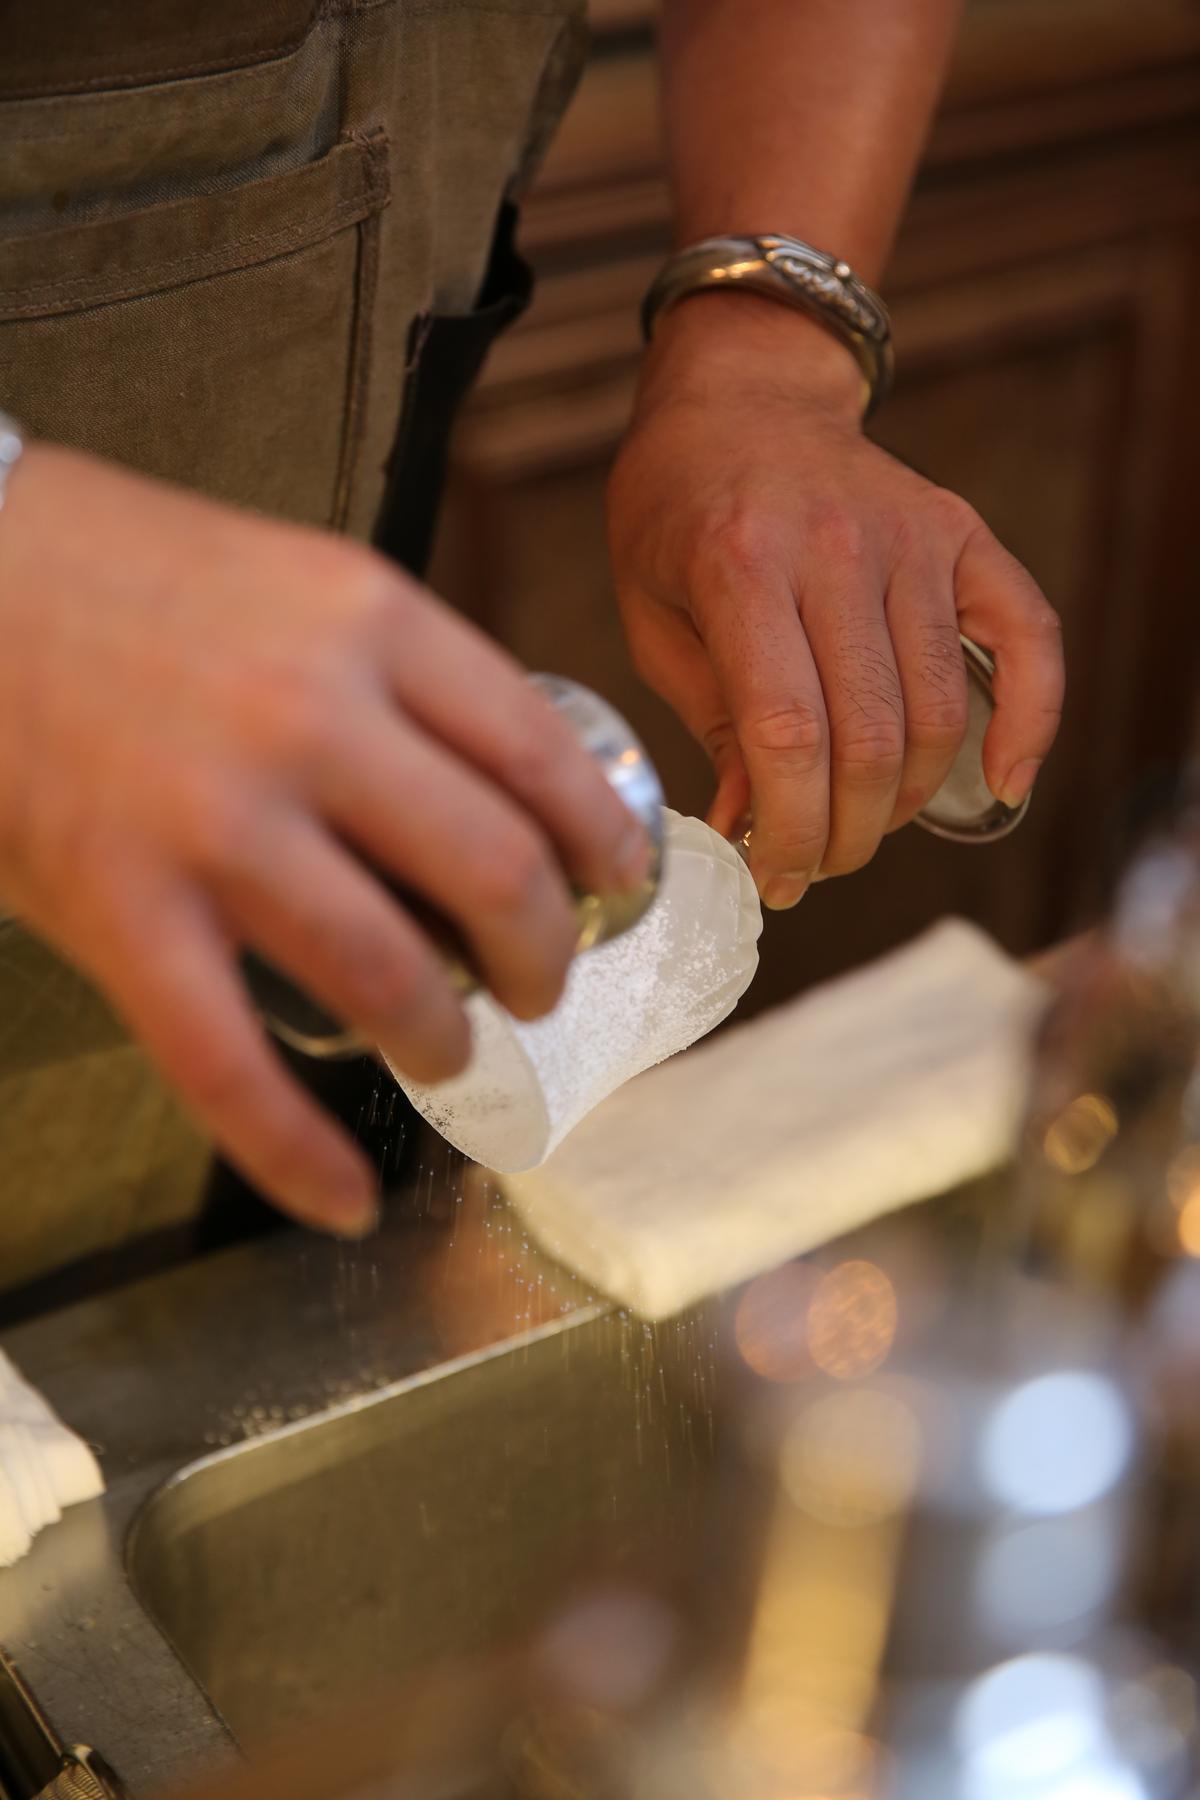 小T仔細地在杯身撒上糖粉。